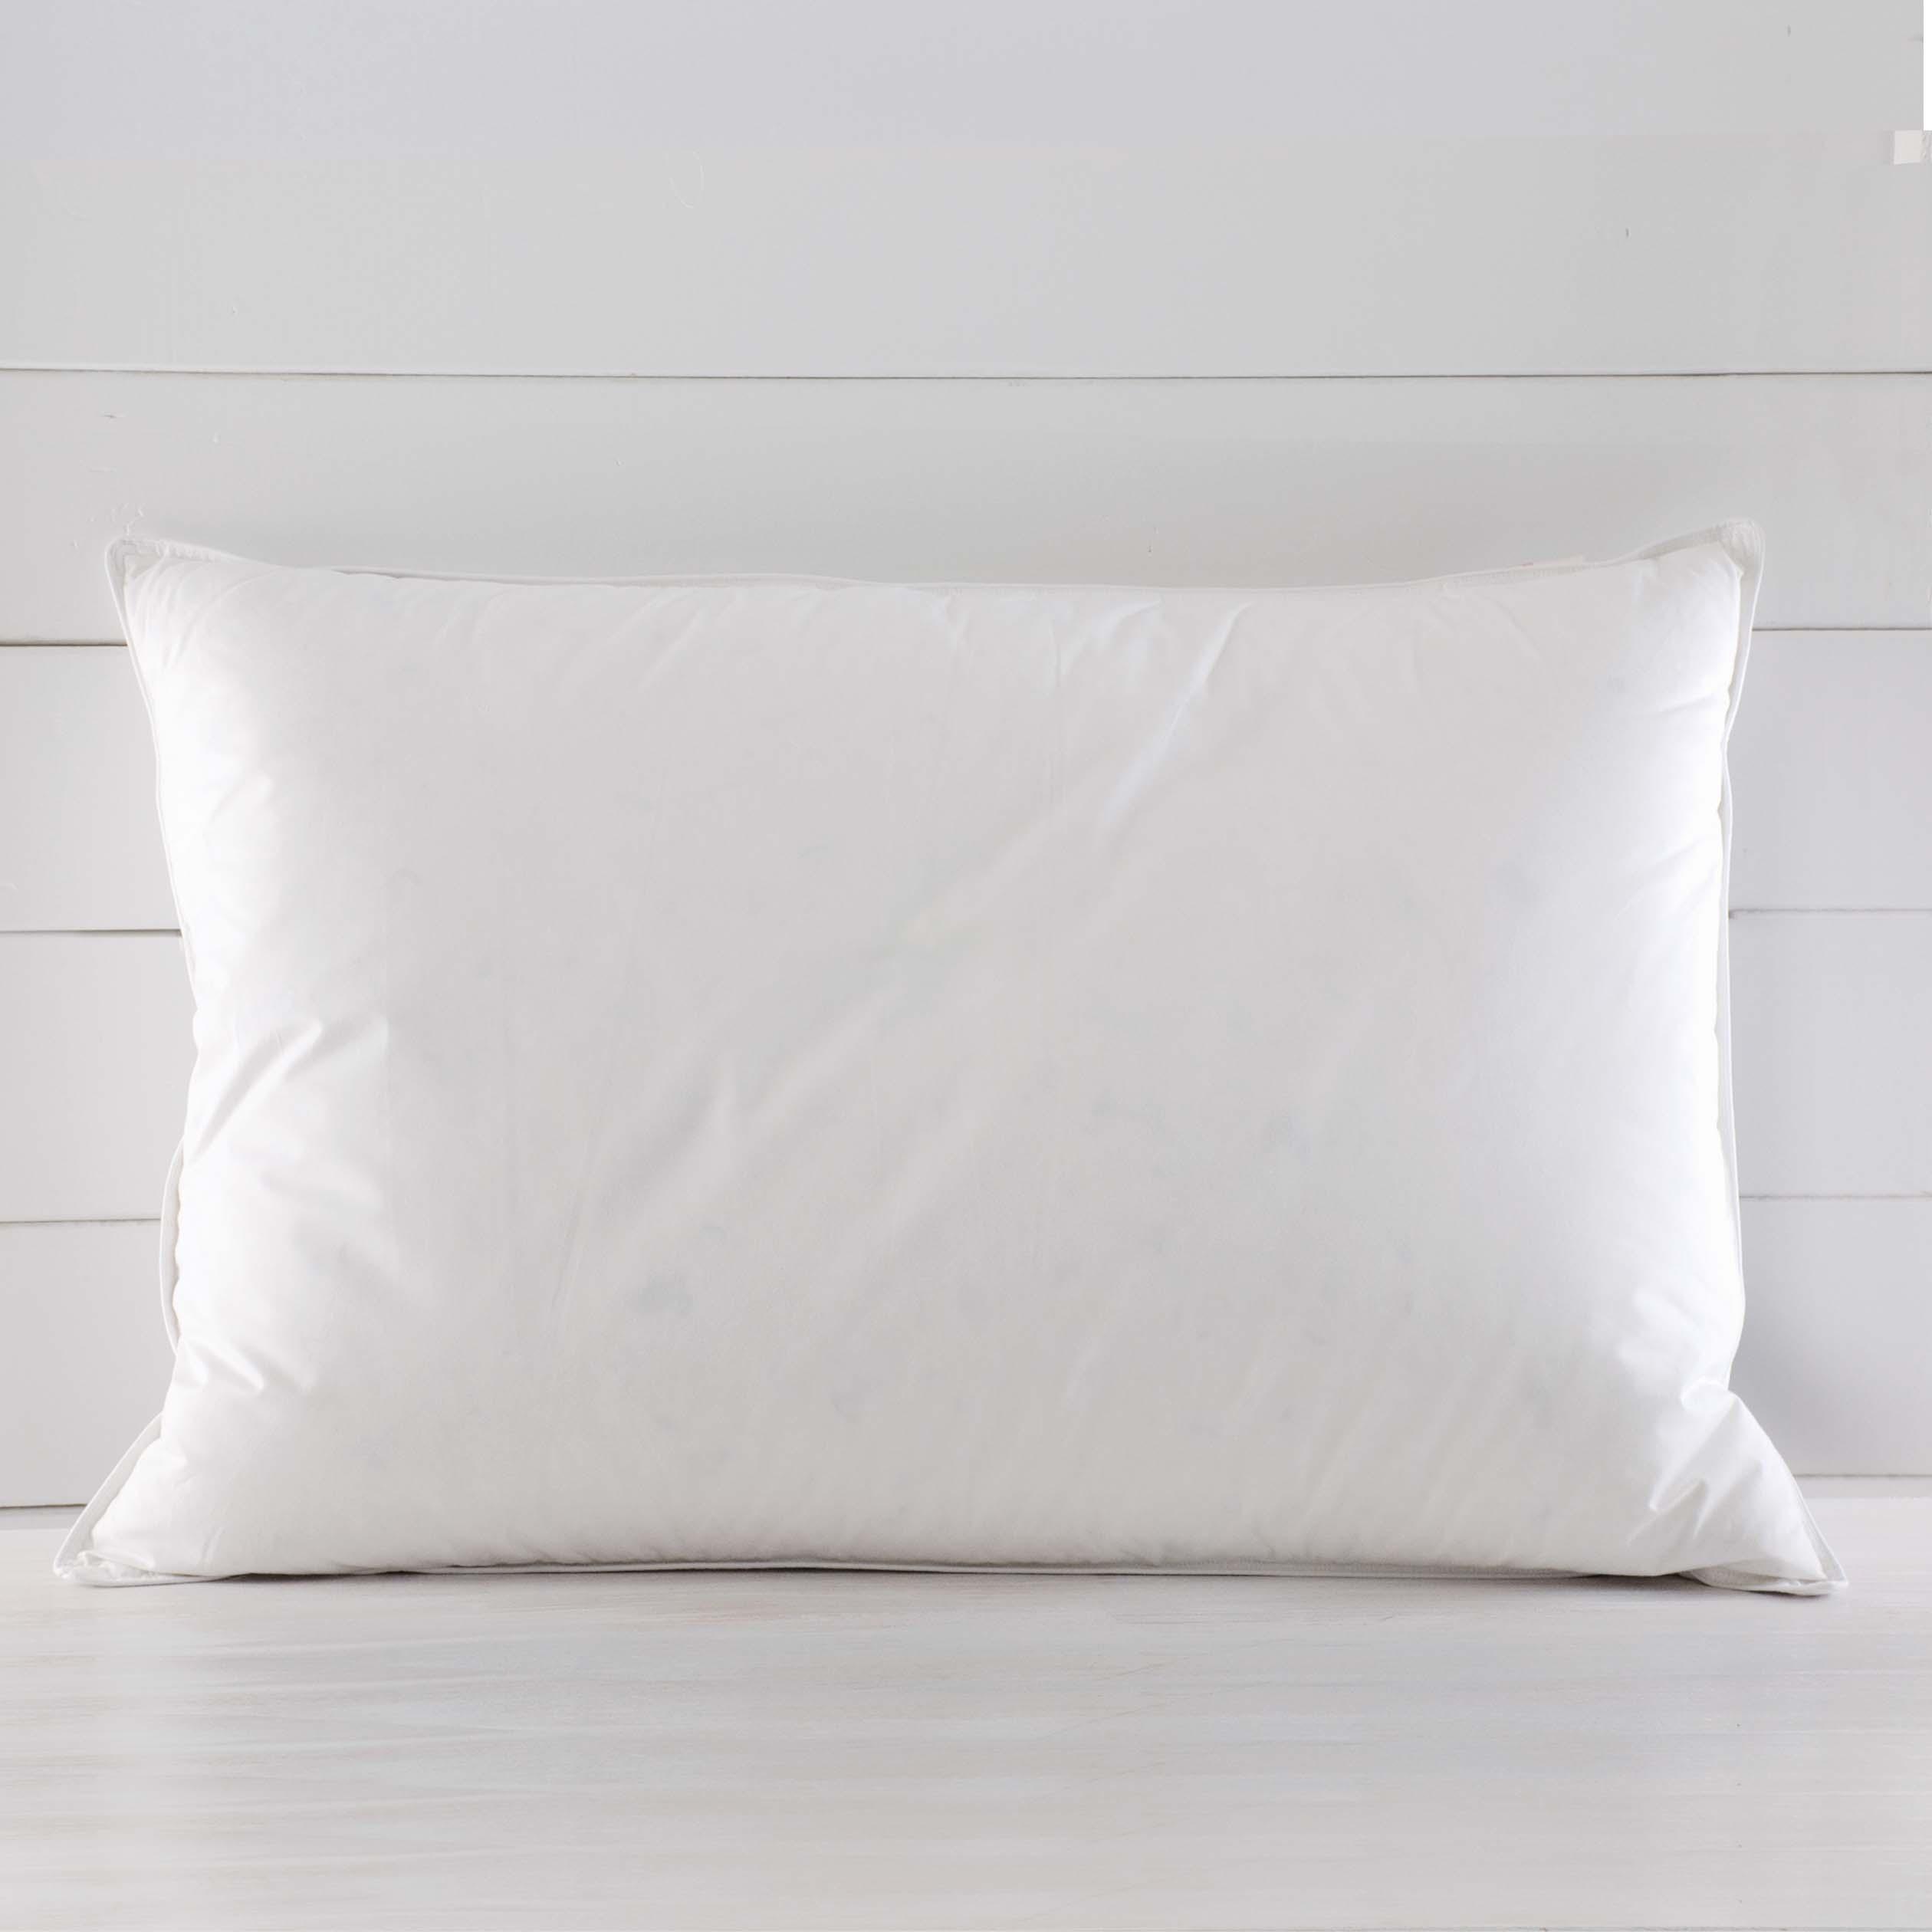 Μαξιλάρι ύπνου σιλικόνης, RYTHMOS HOME υπνοδωματιο   μαξιλάρια ύπνου   μαξιλάρια υπνου απλά